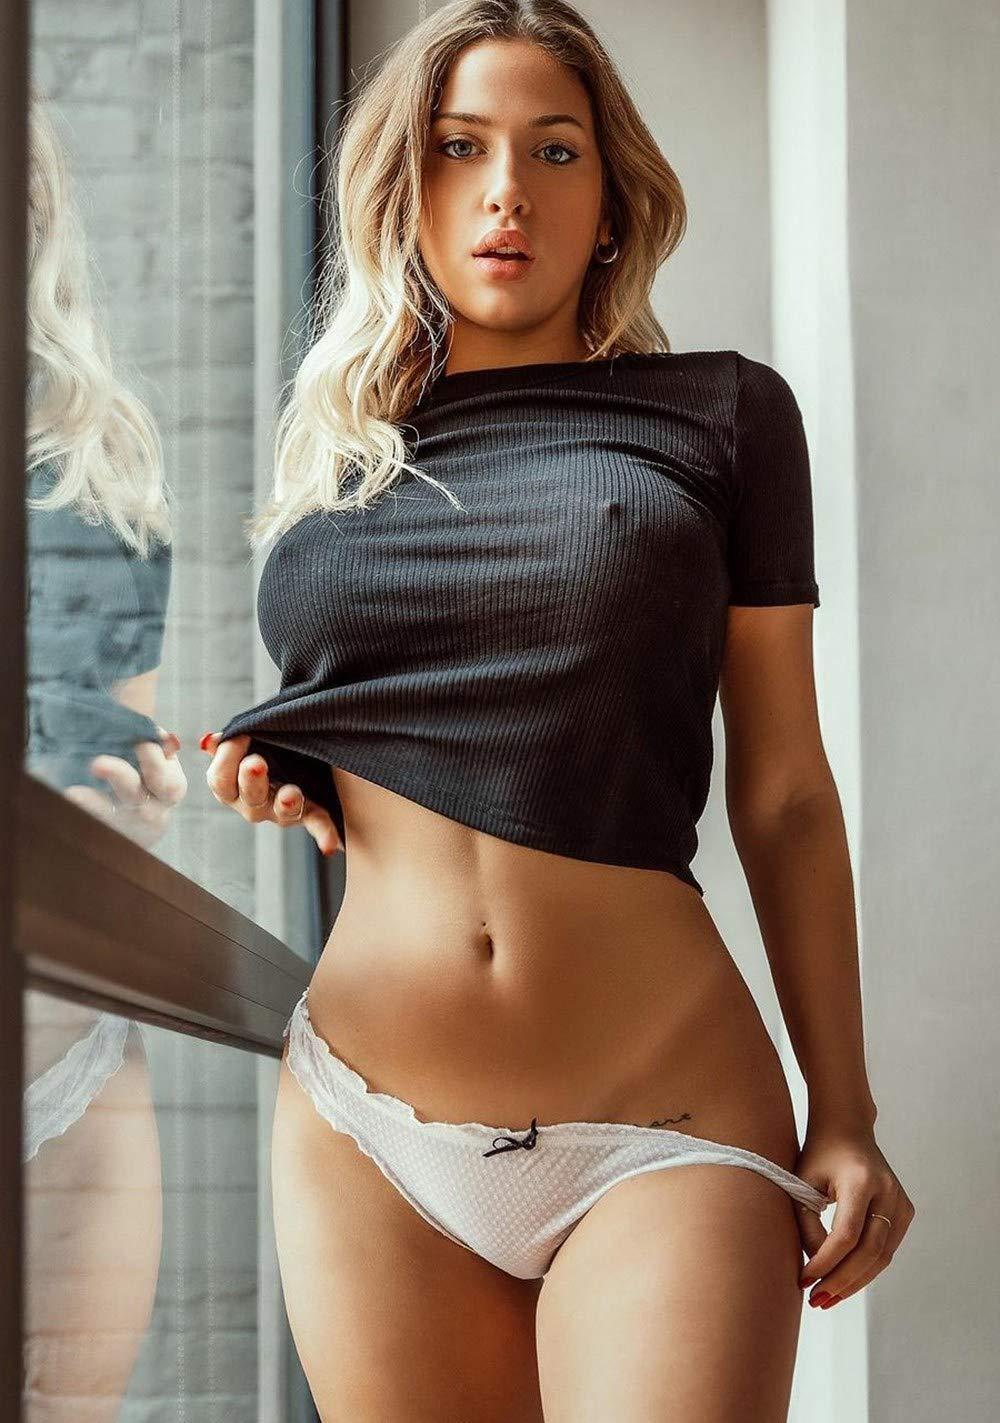 Pic sexy Hot Bikini